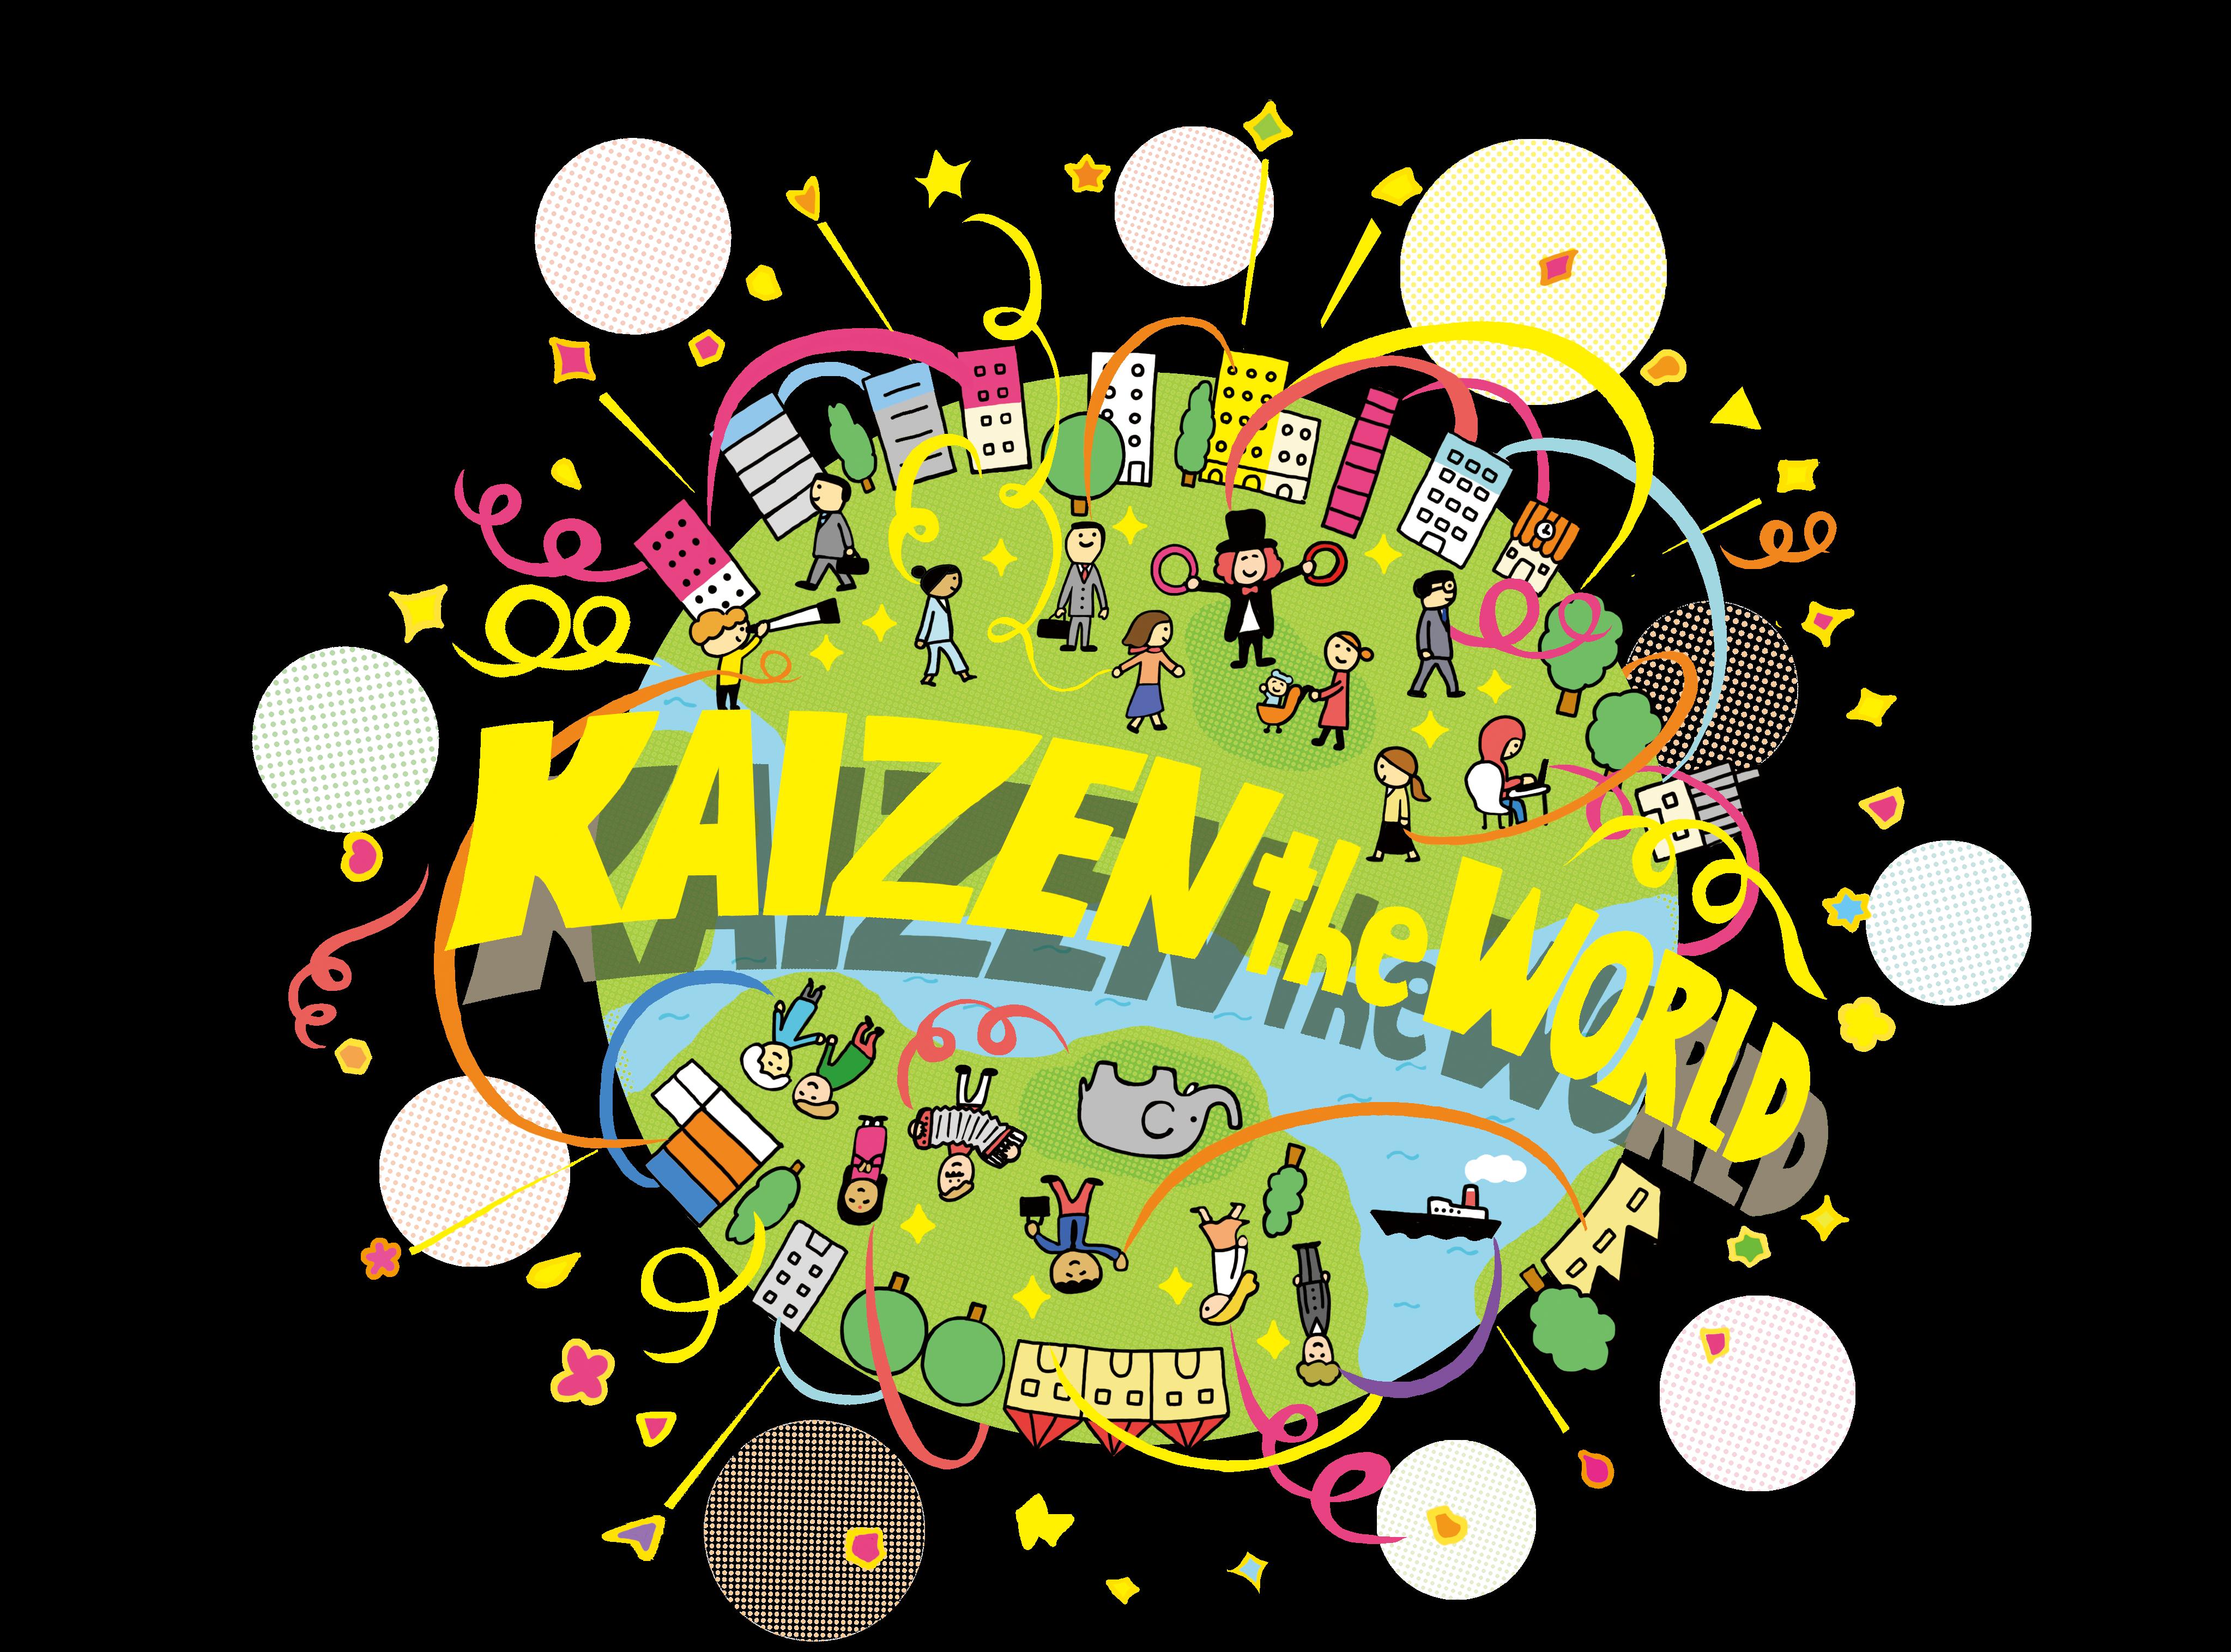 kaizen11i